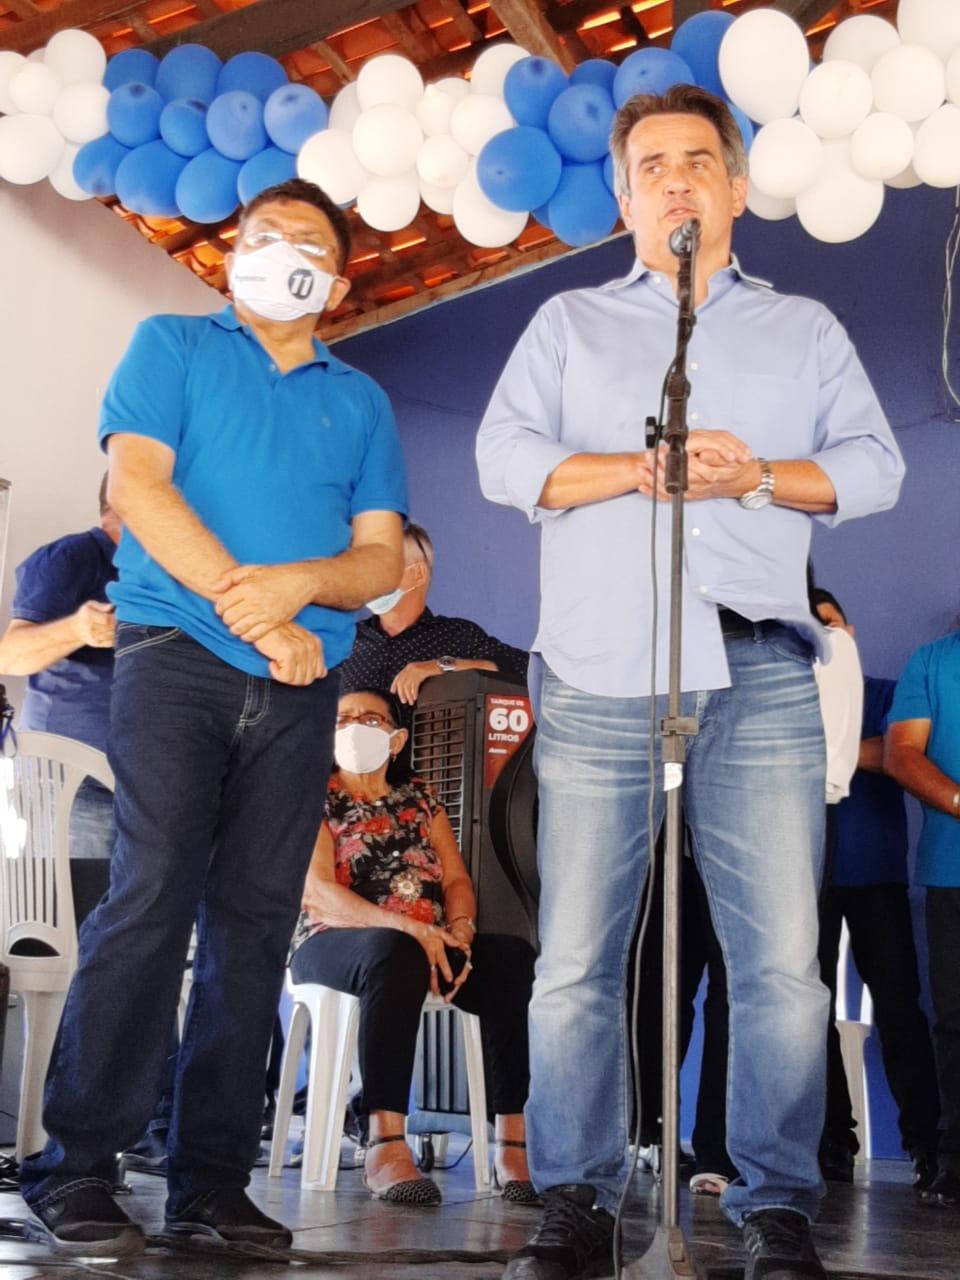 PP realiza convenção e lança Edgar Castelo Branco e Mundô em Santa Rosa-PI 5